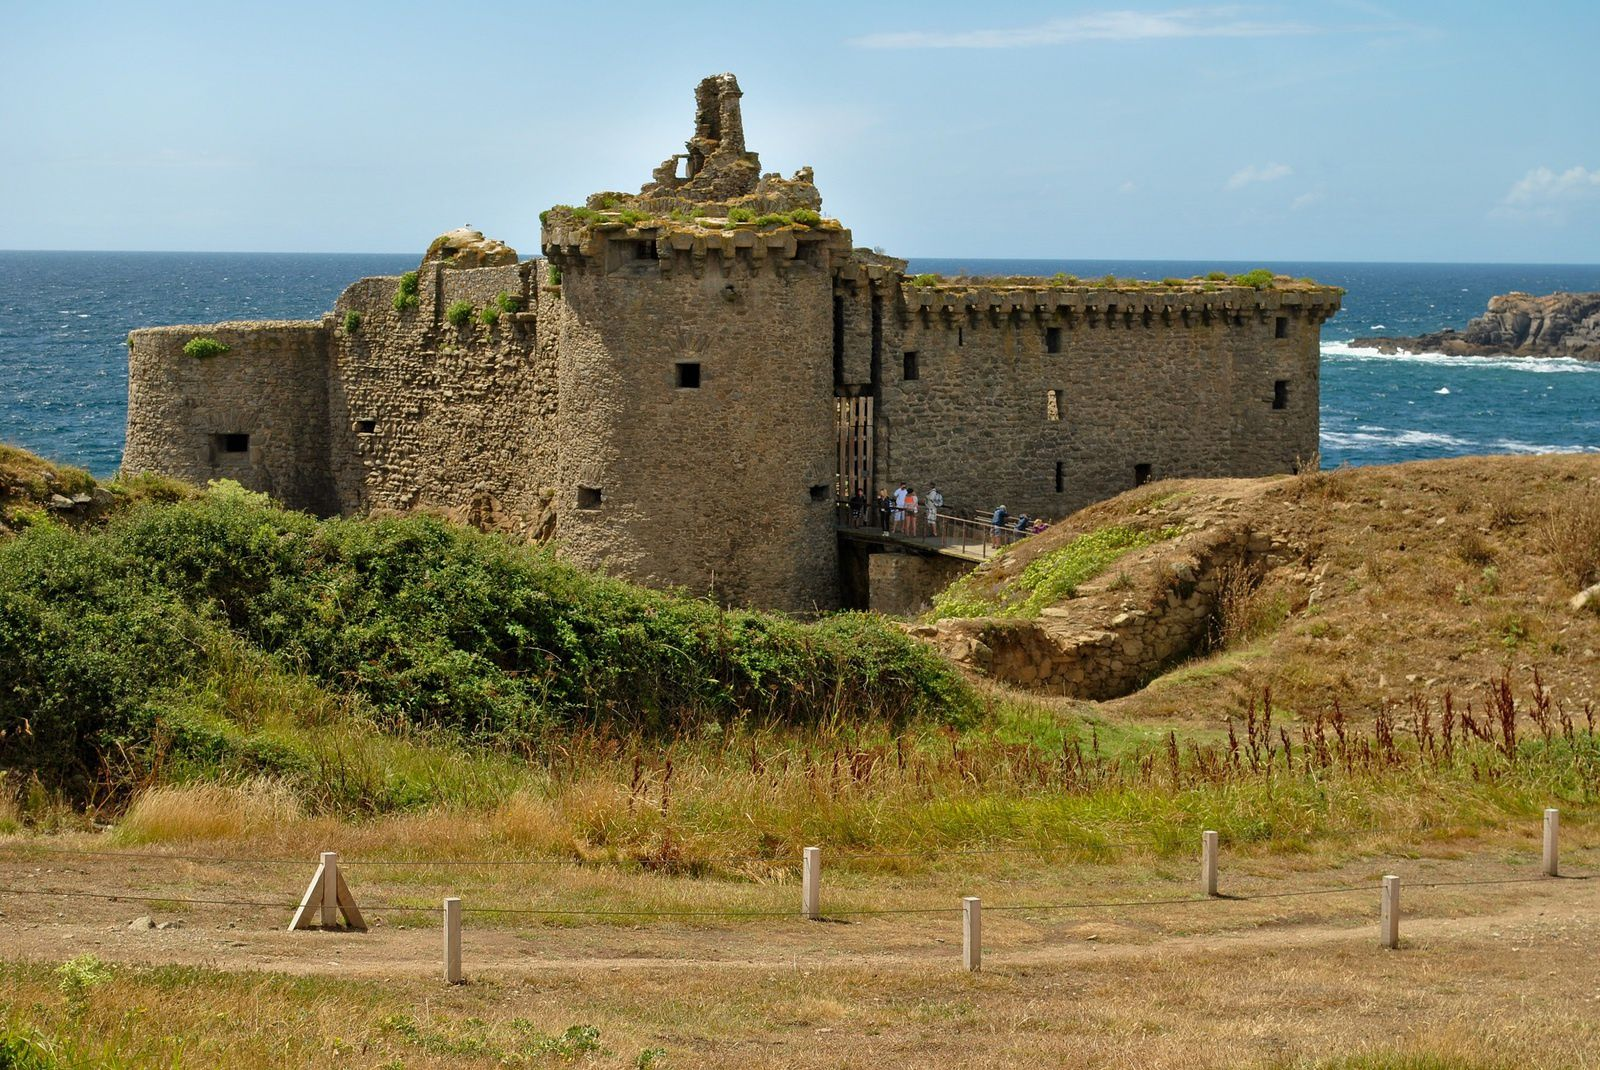 L'Ile d'Yeu: Le vieux château. (Photo rediffusée).